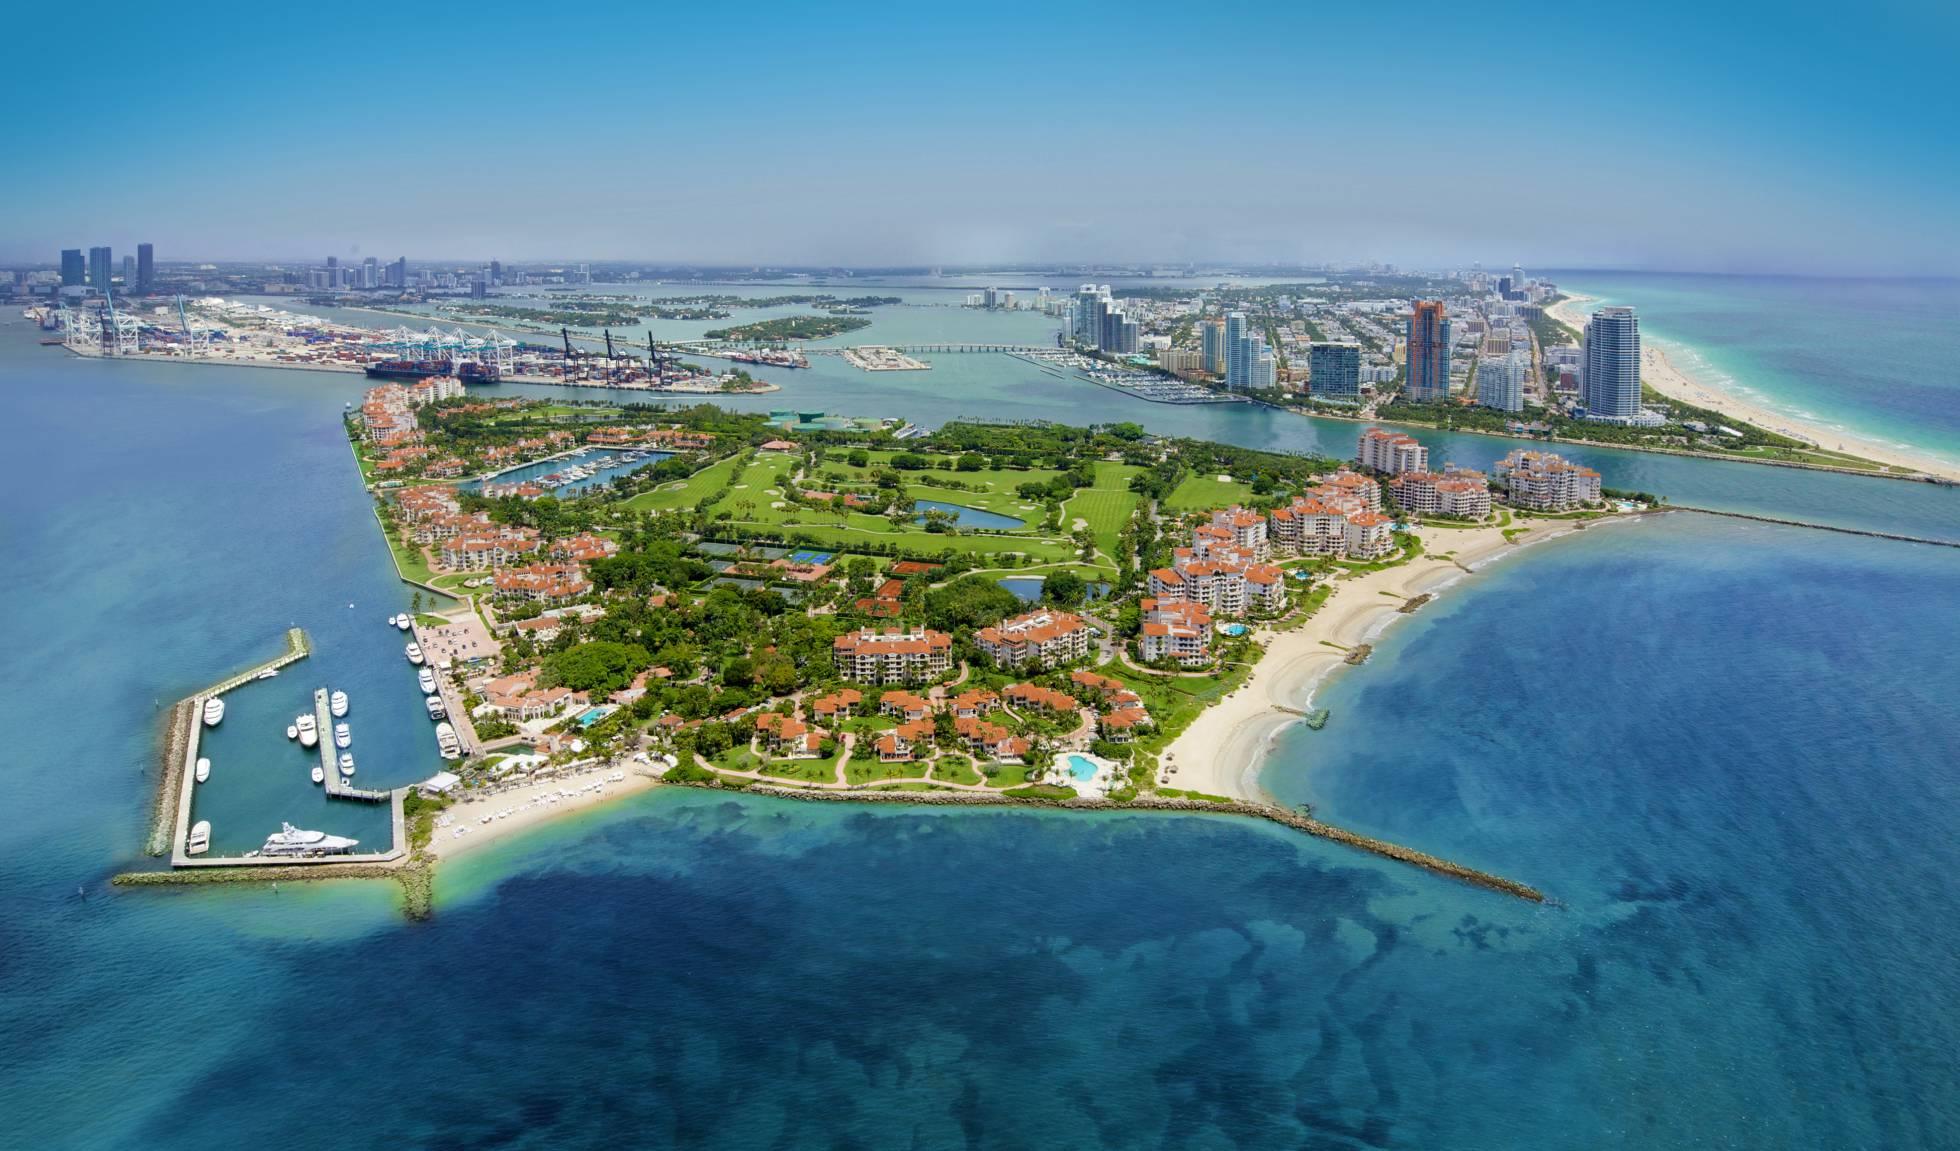 Fisher Island, o bairro mais rico dos EUA, onde 10% dos moradores são brasileiros